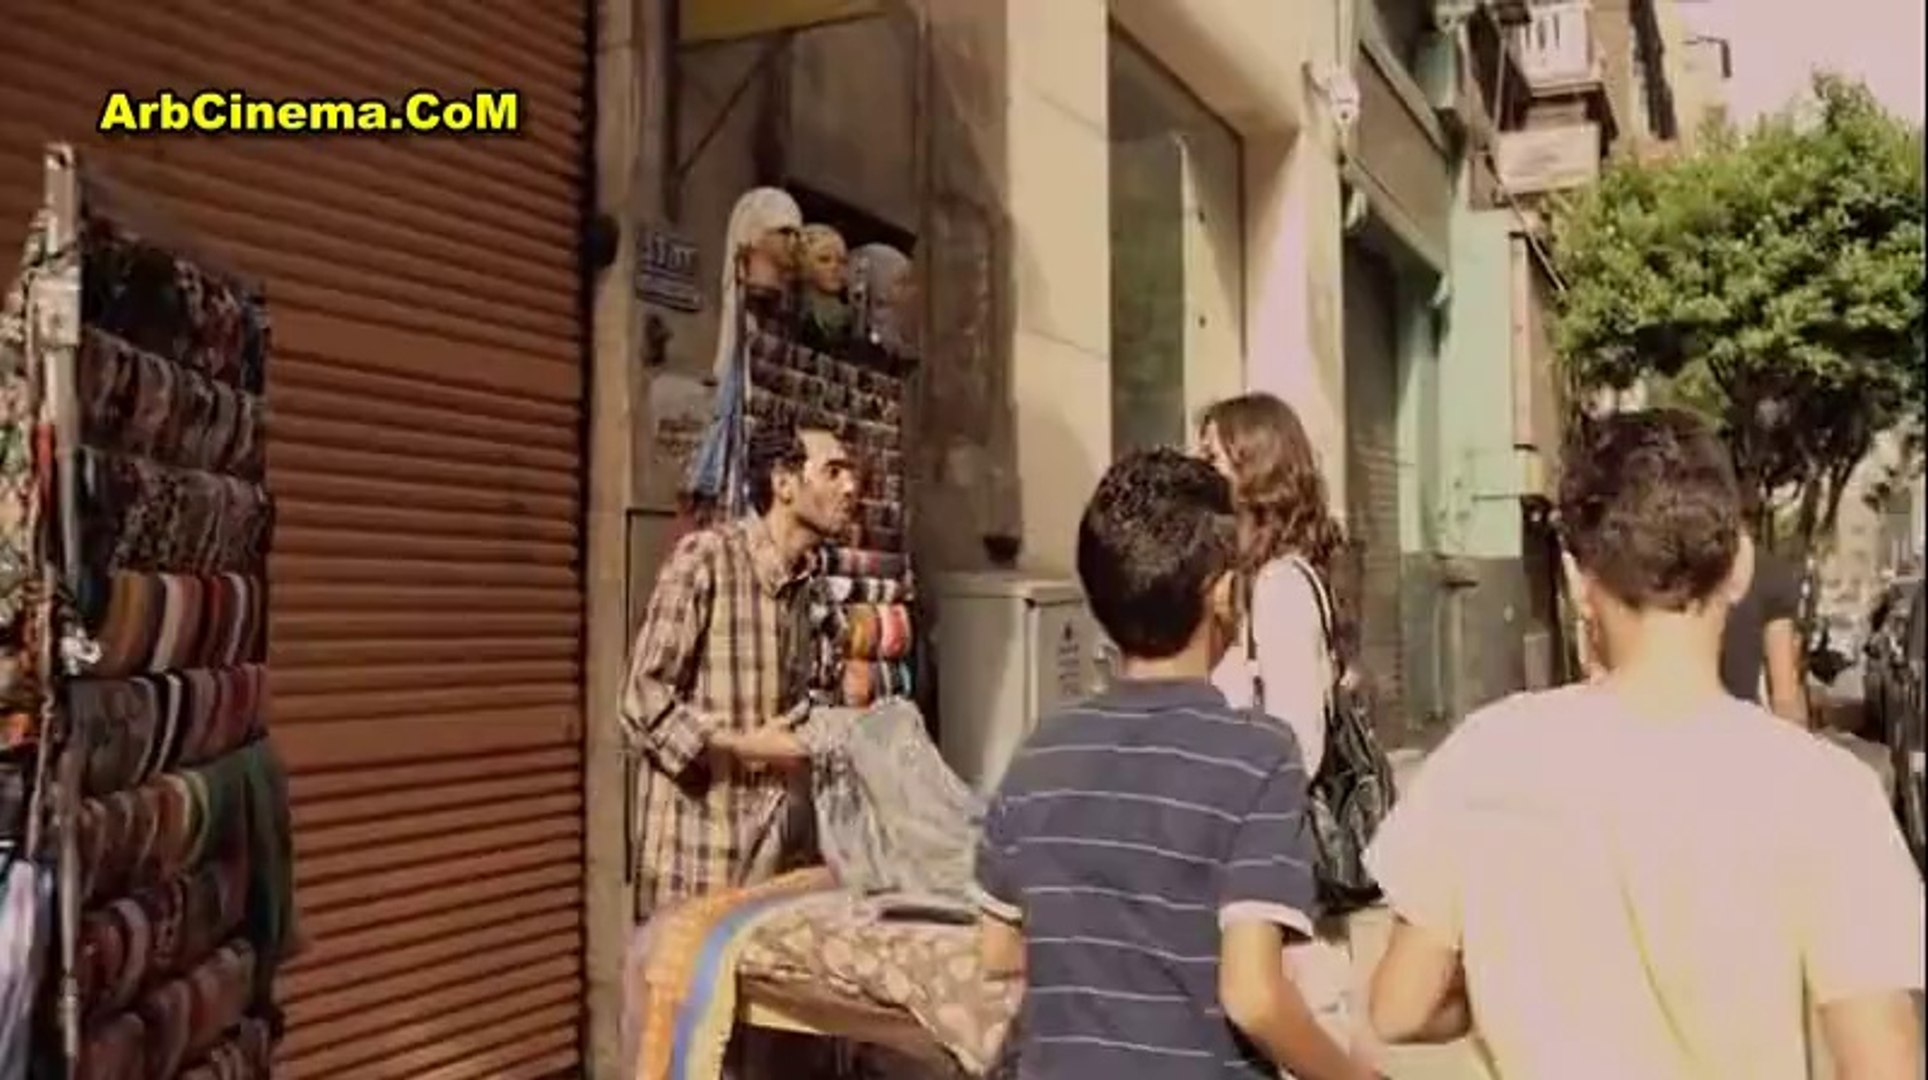 أغنية موبينيل 2014 mp3 إفتح بيبان قلبك واعرفني mp3 محمد فؤاد بهاء سلطان وبشرى